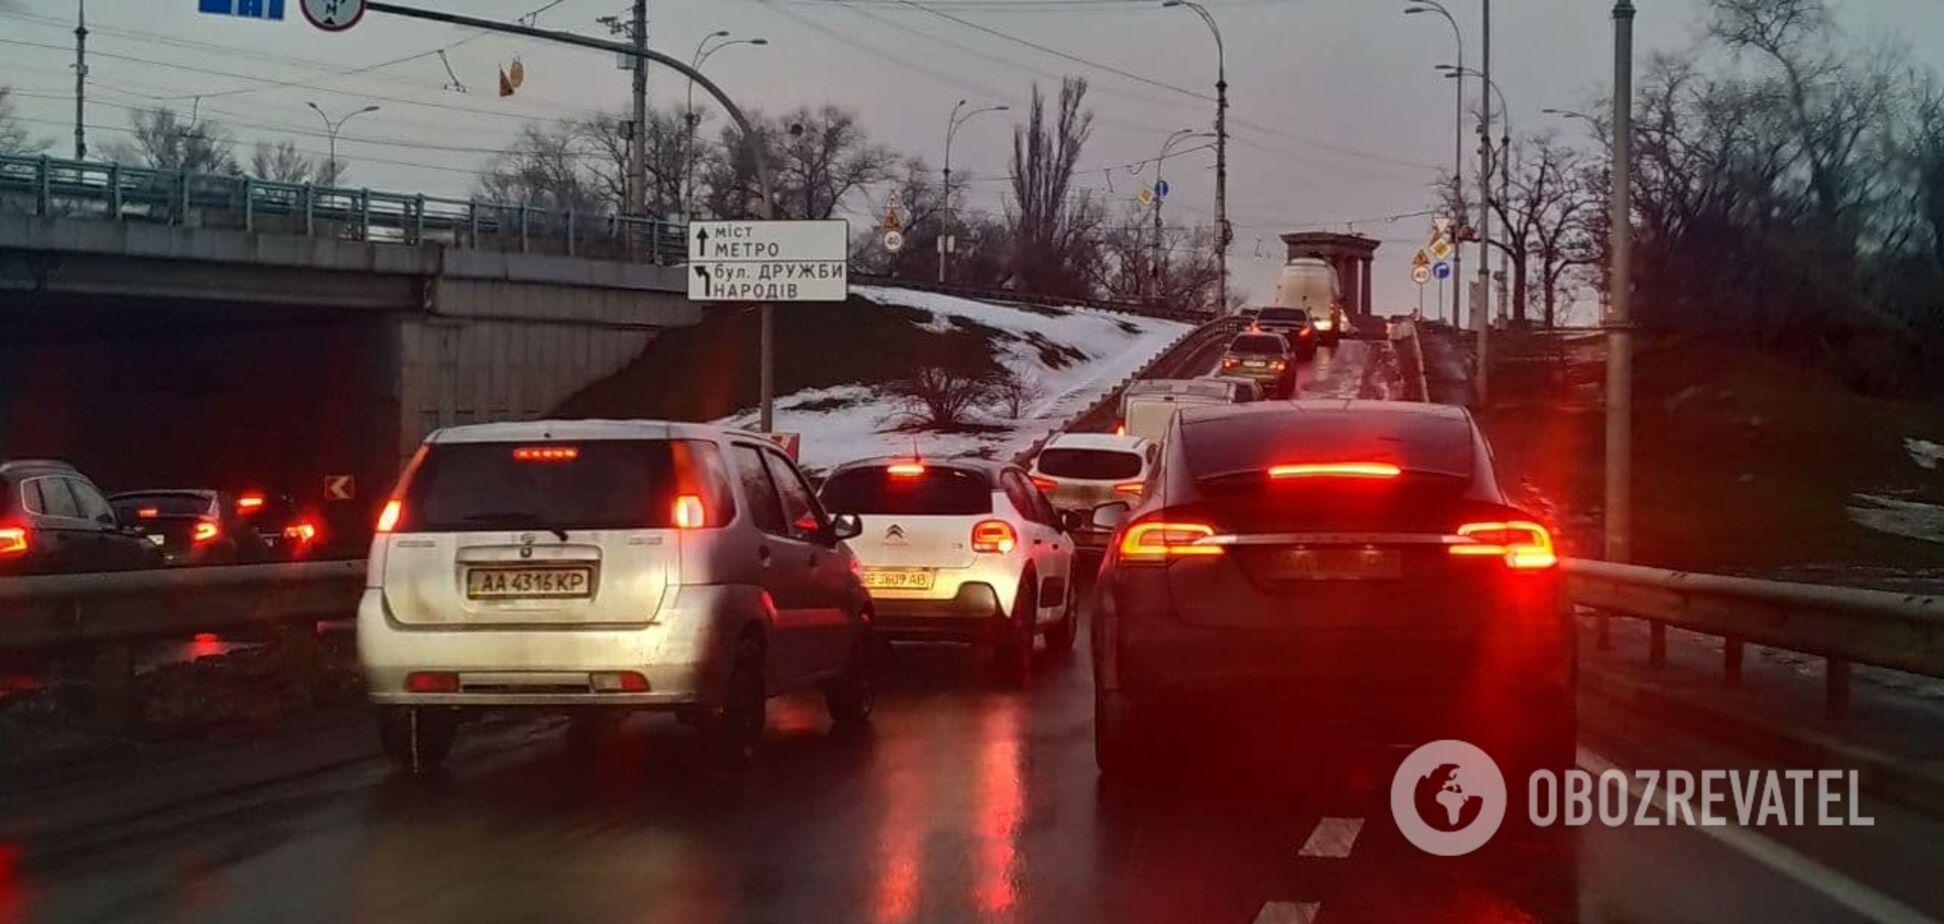 Проблеми для автомобілів є по всьому місту